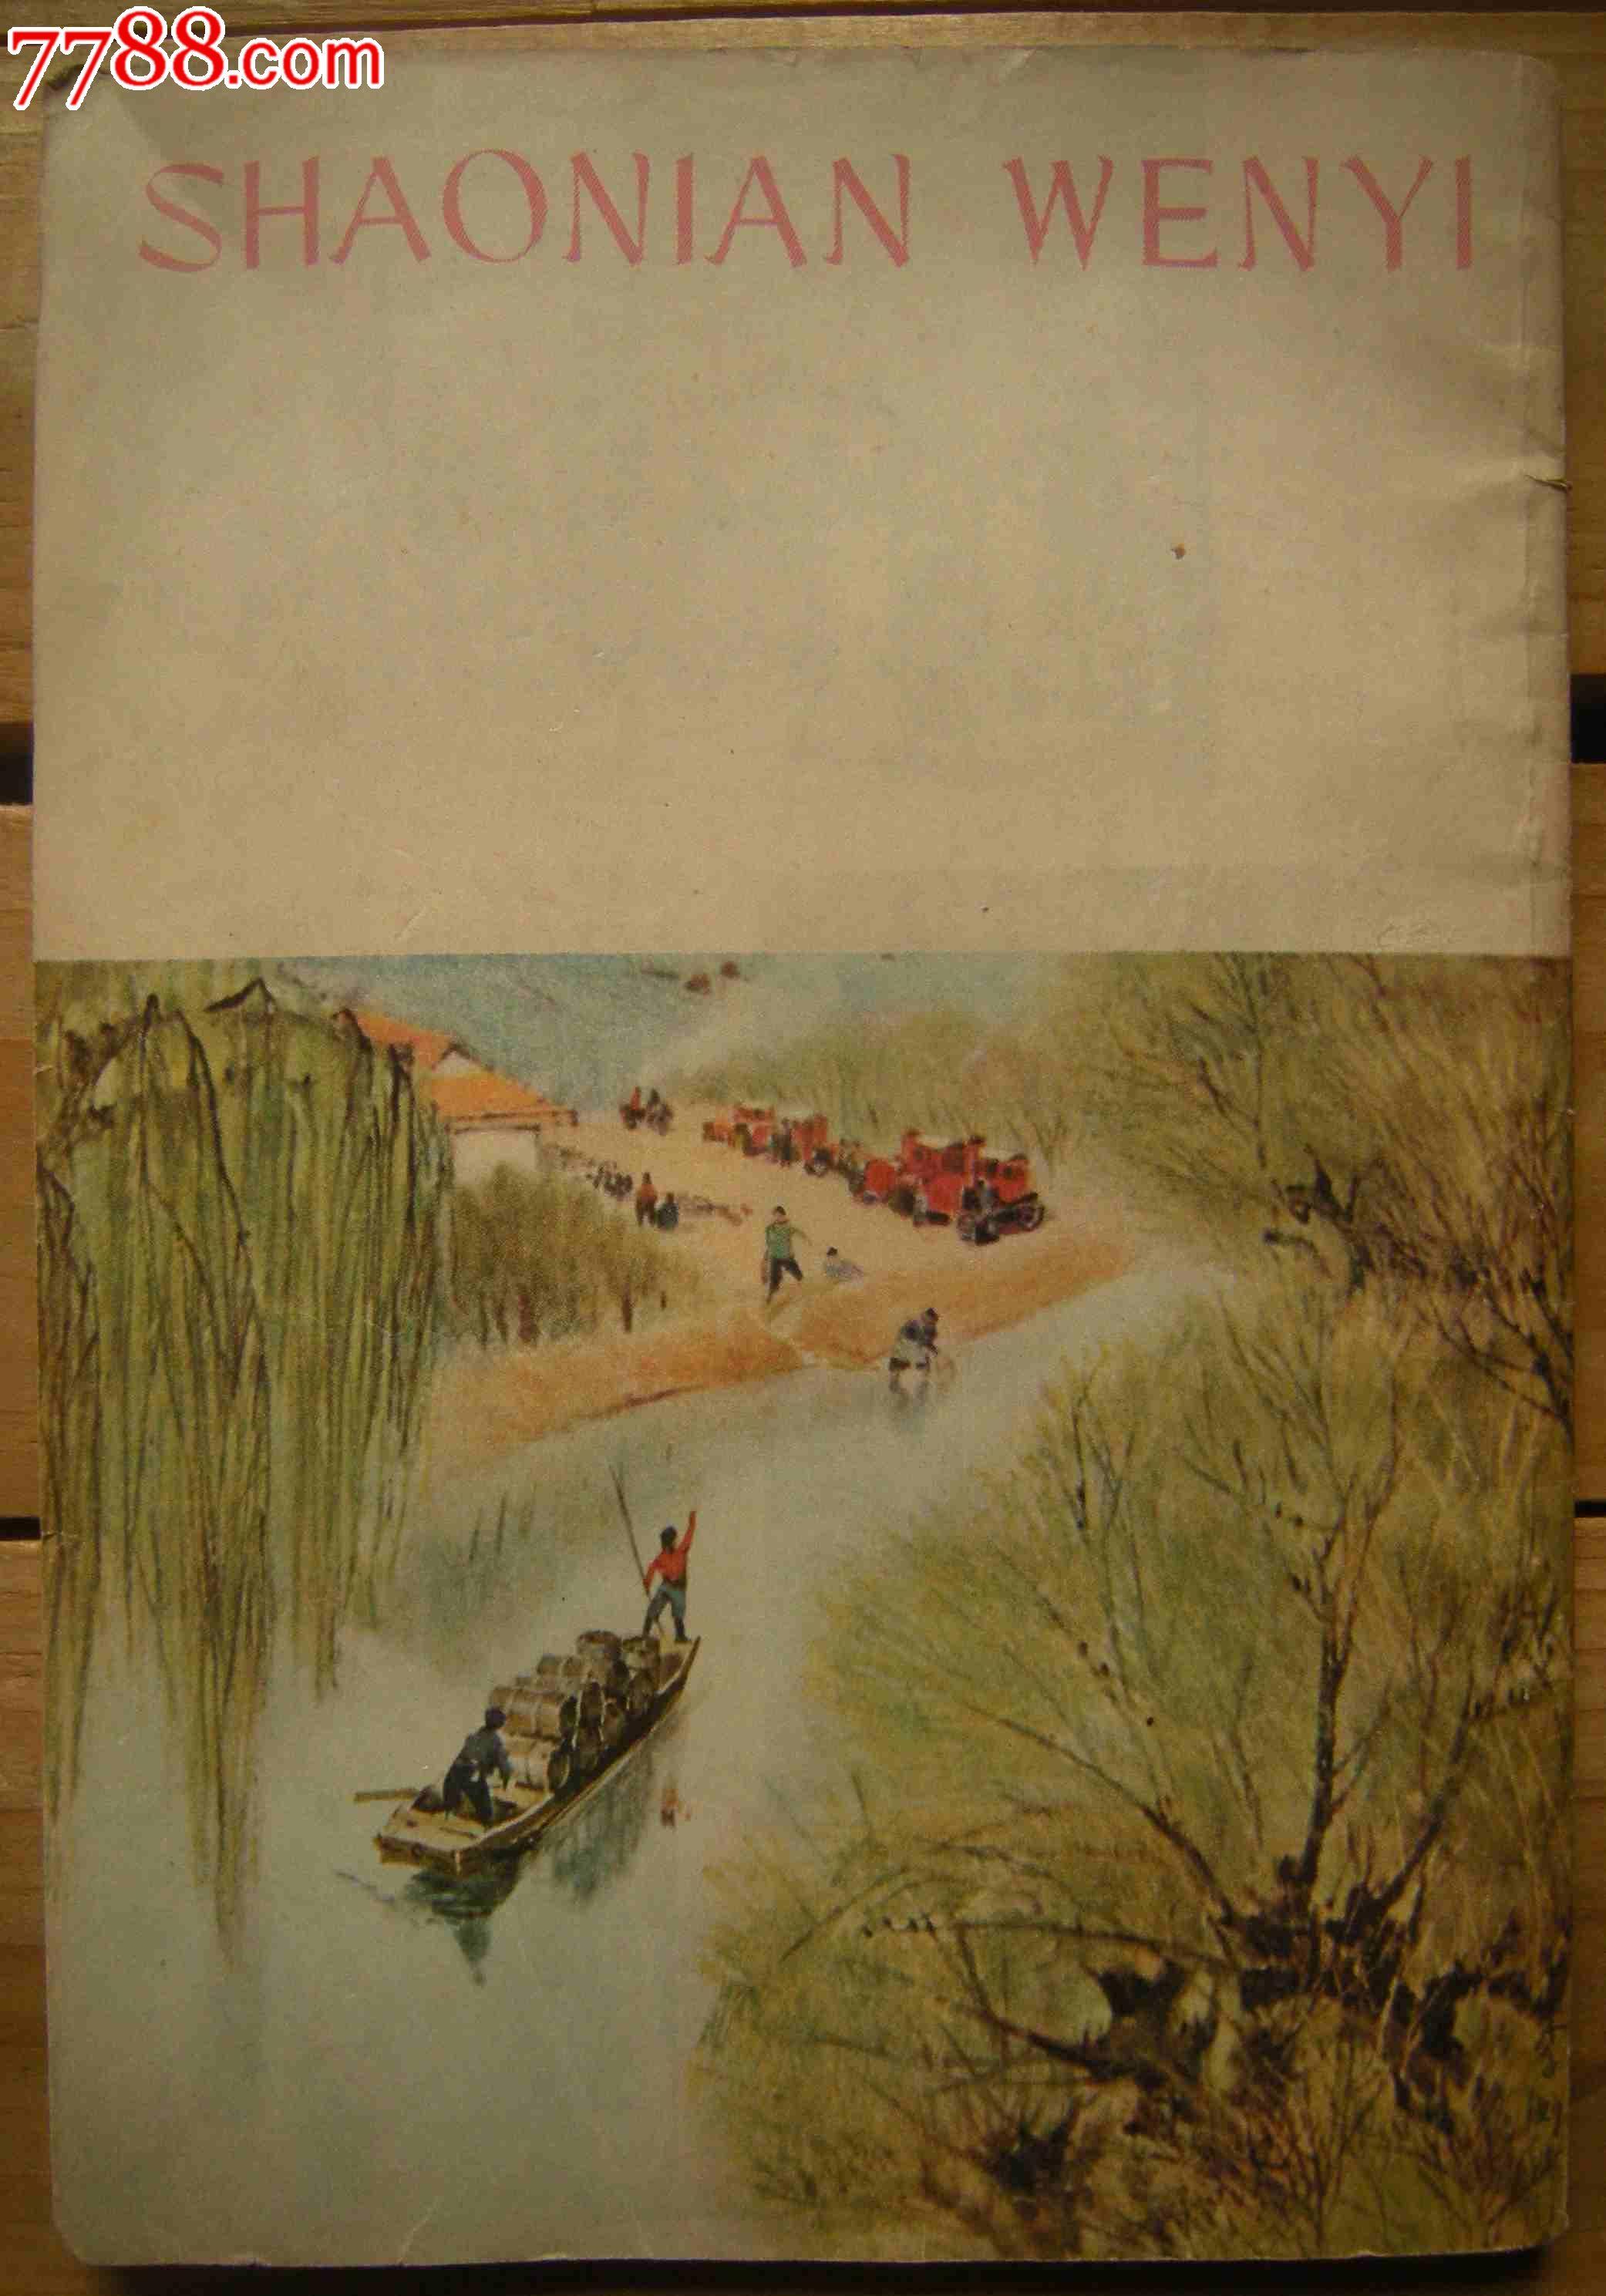 少年文艺1966年3月号